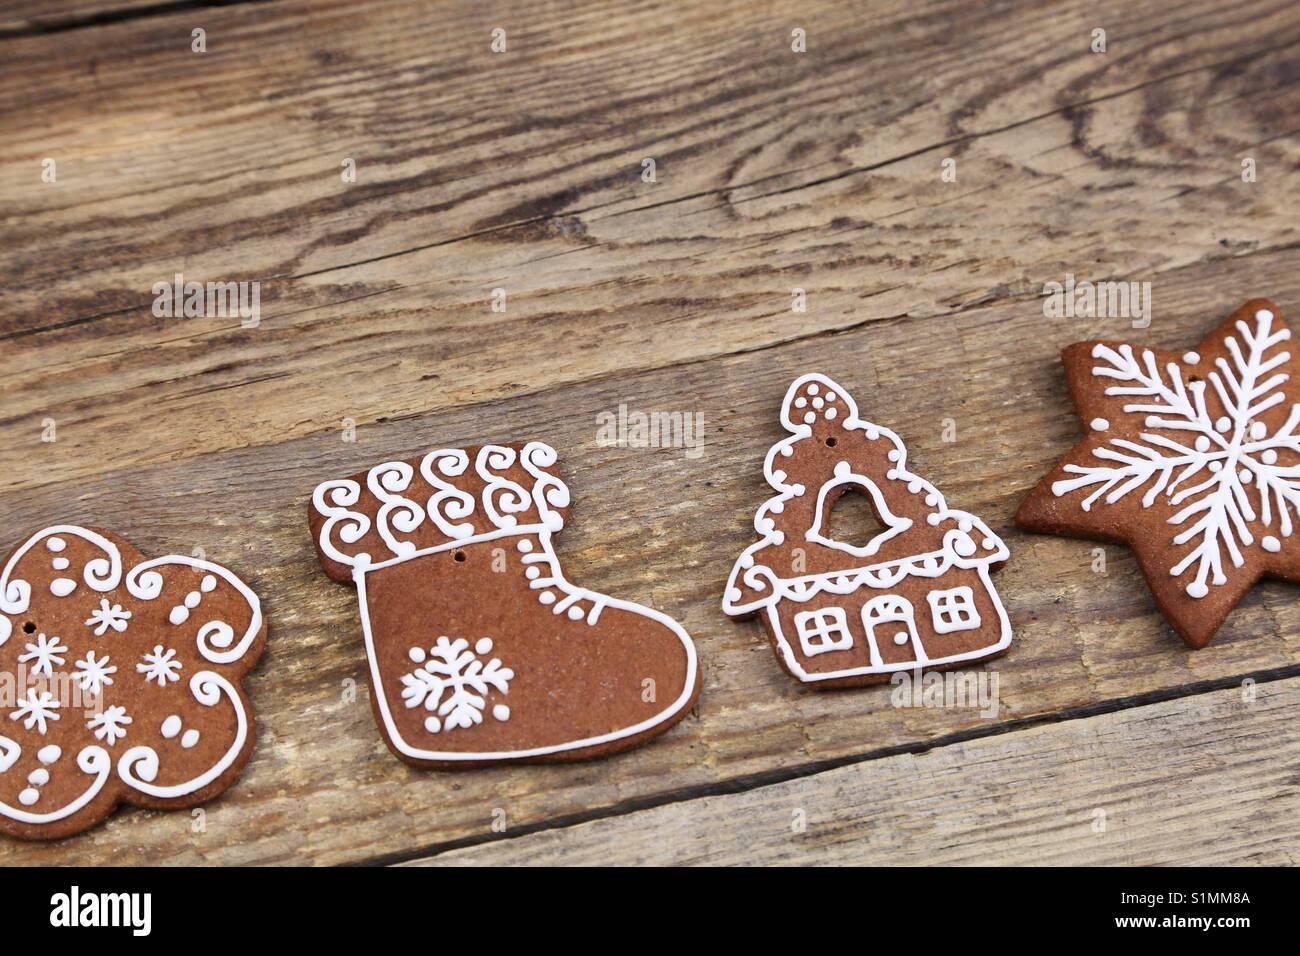 Weihnachten-Lebkuchen Stockbild